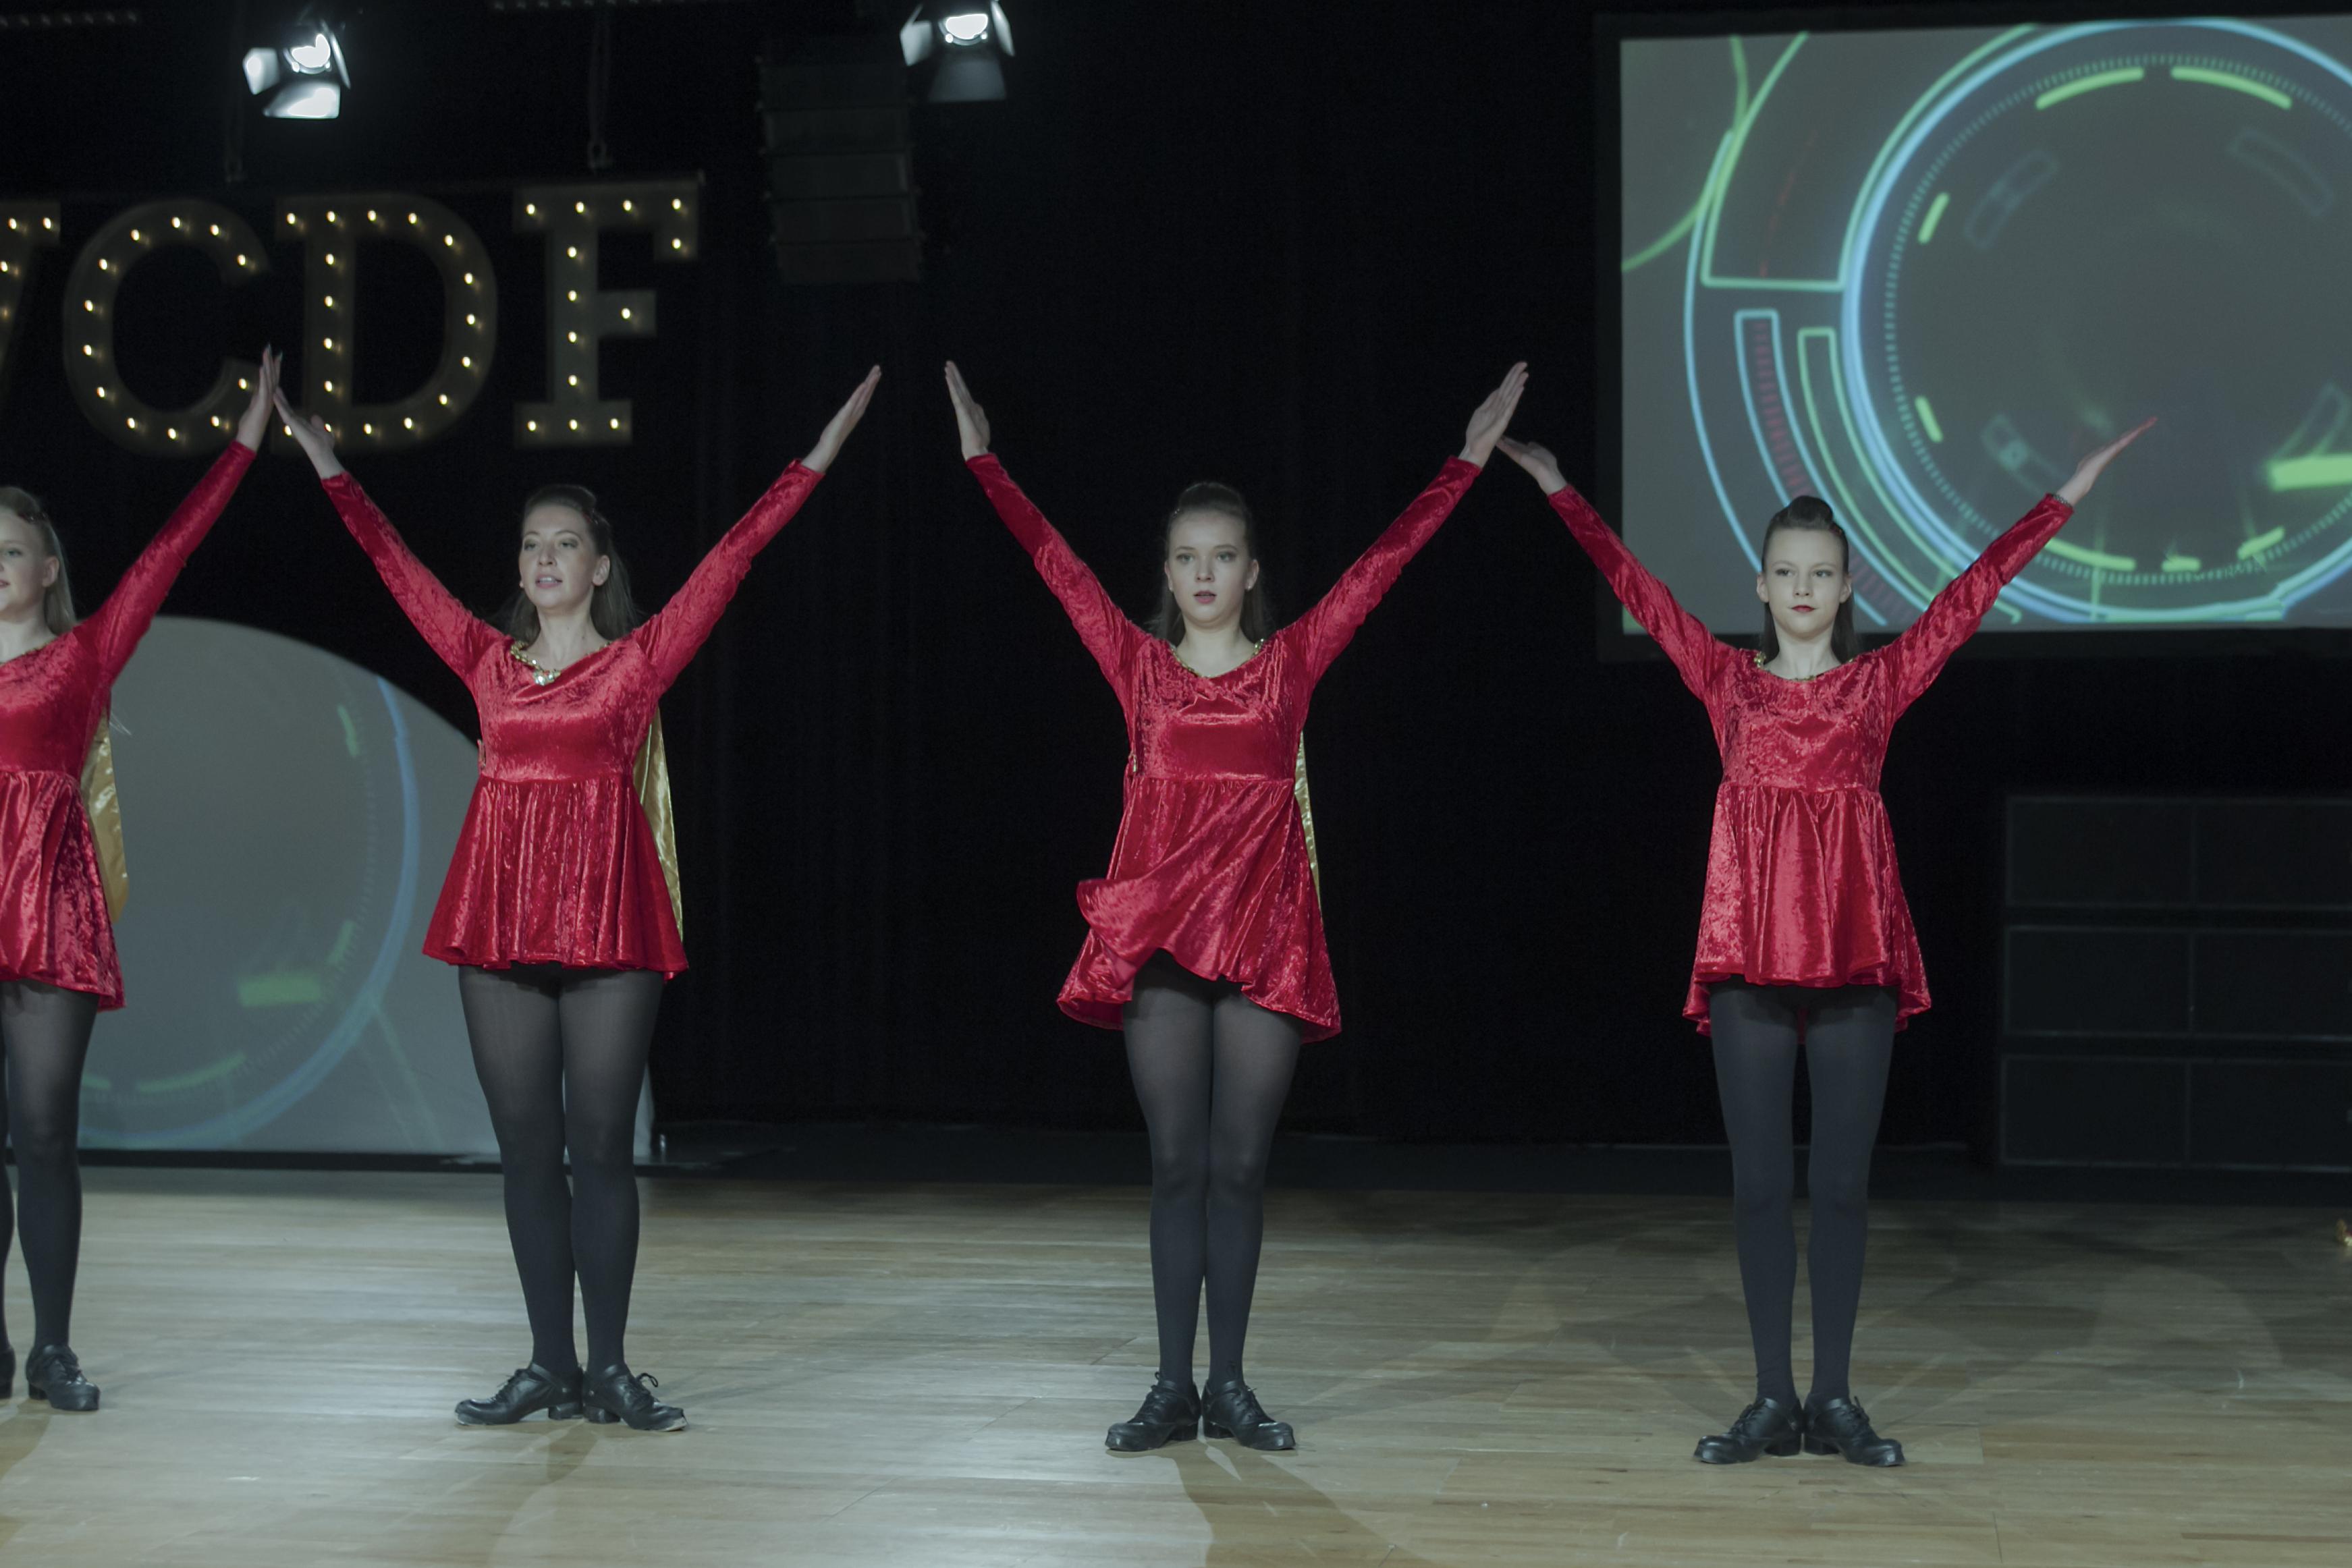 Irish dance performance